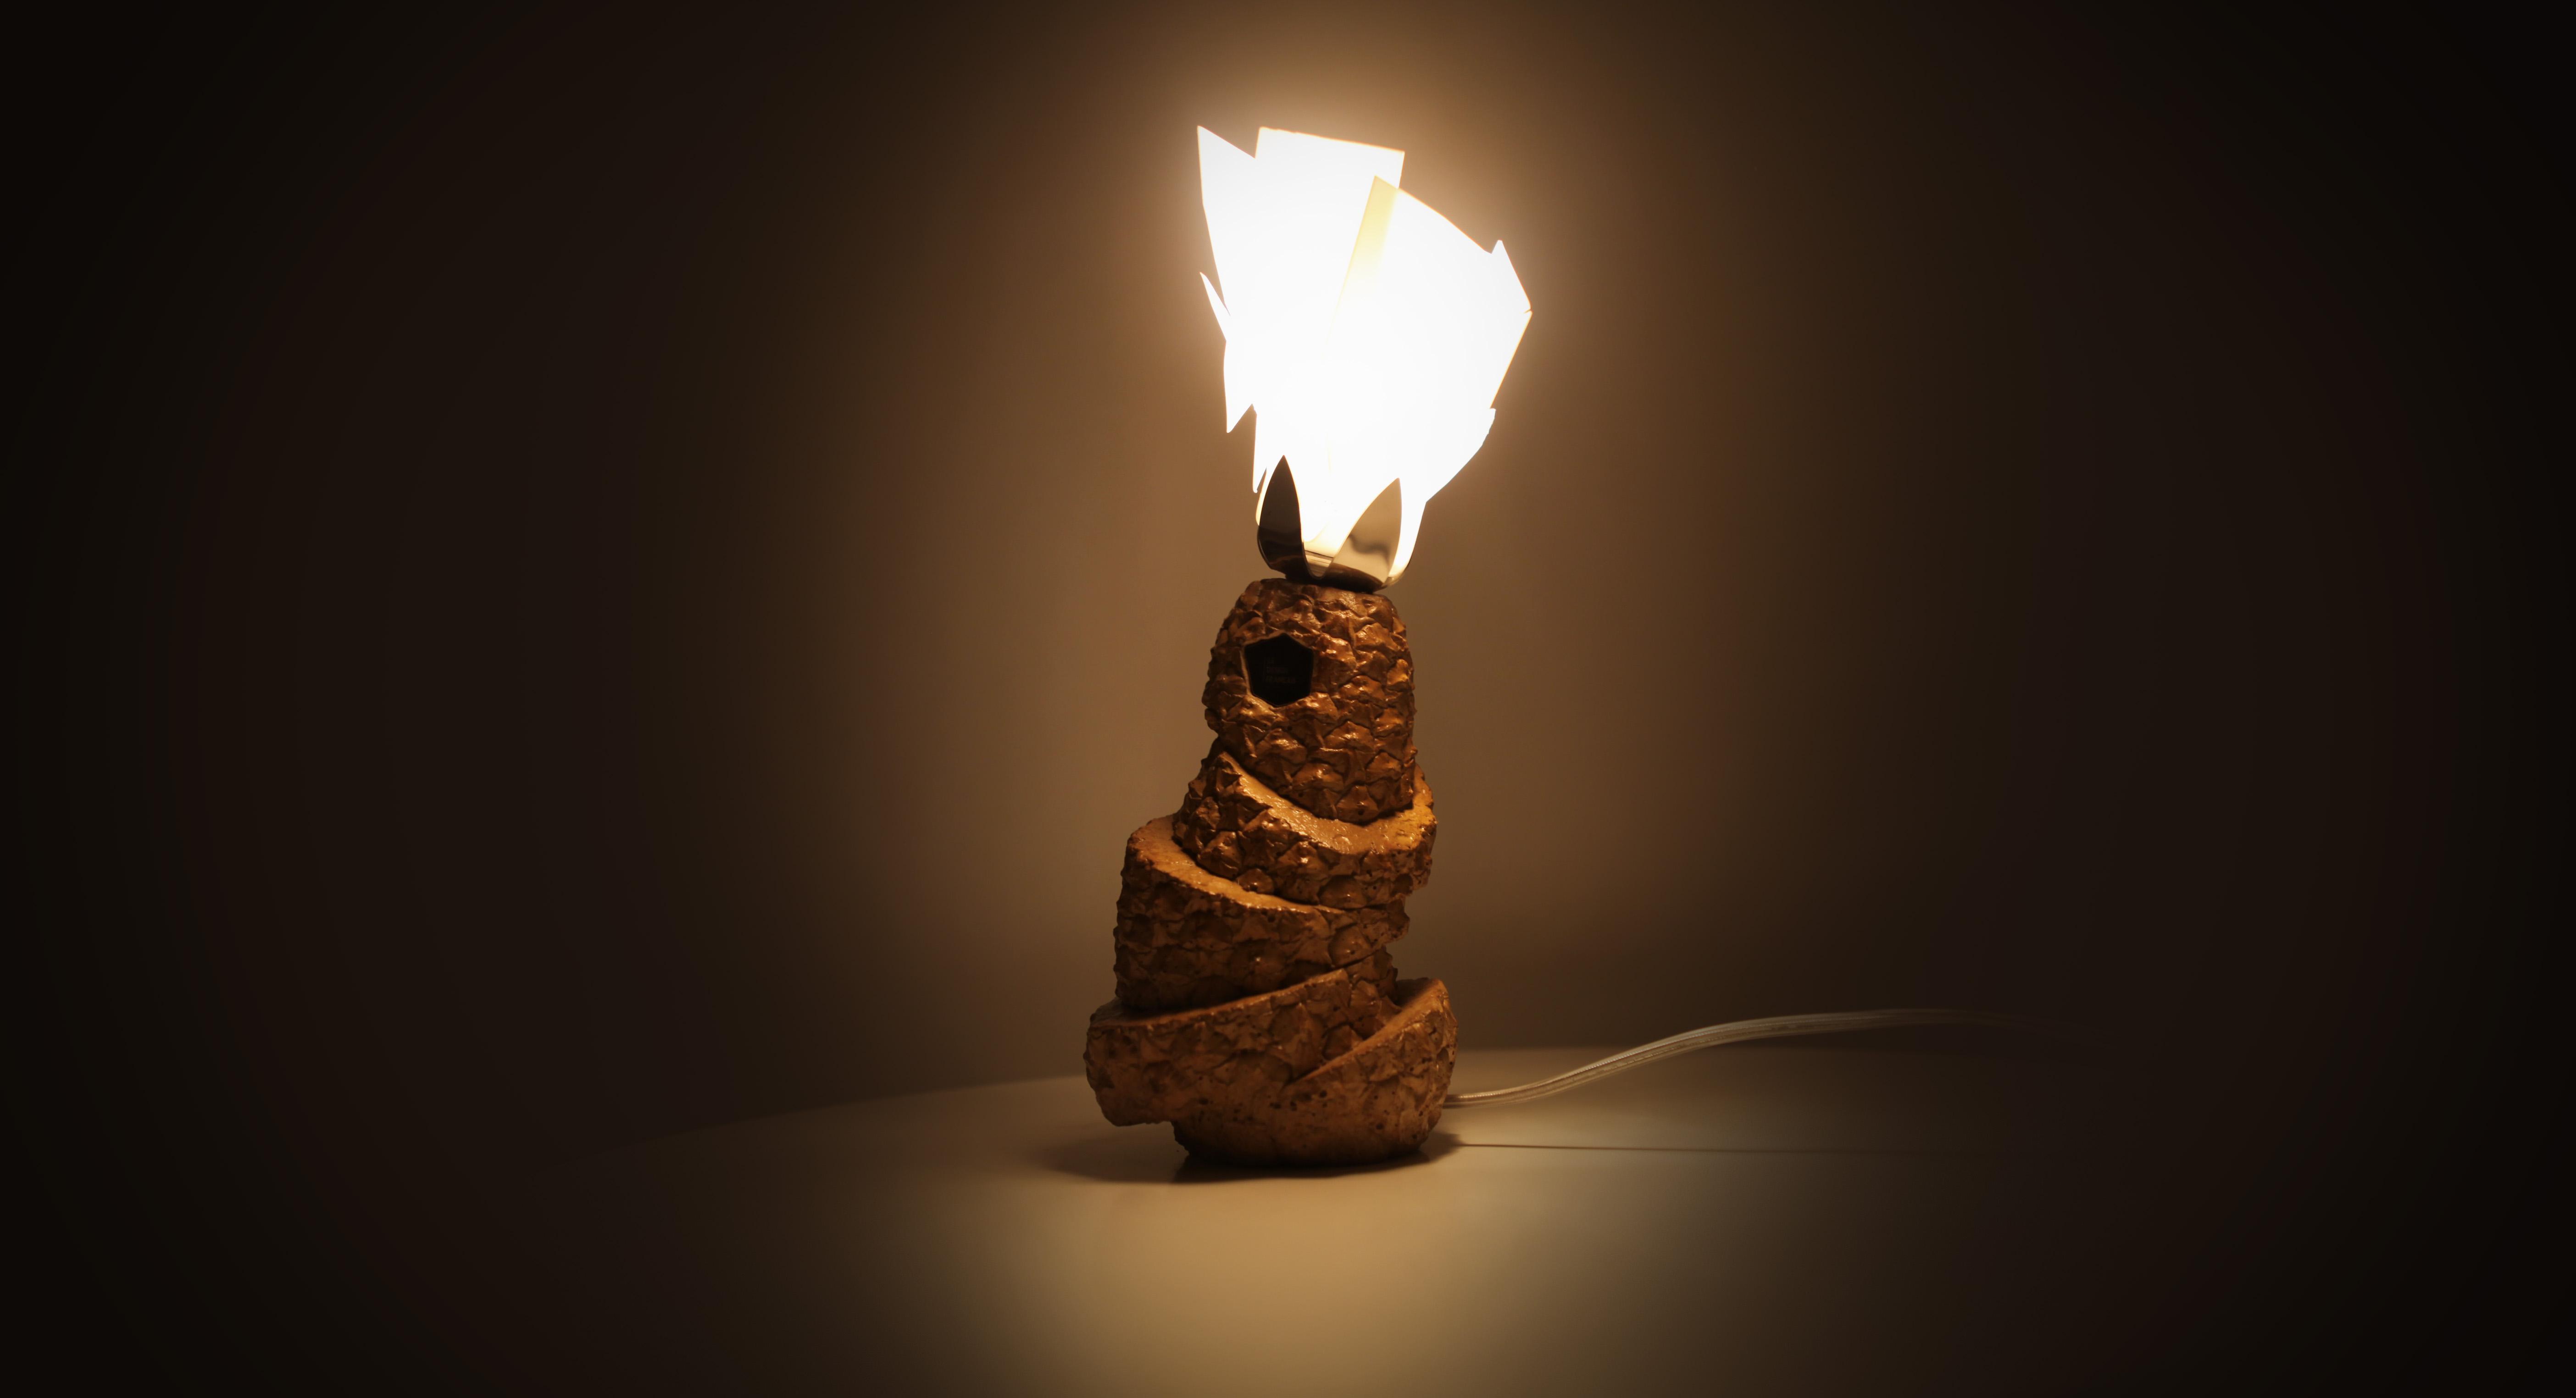 La lampe 5 tranches